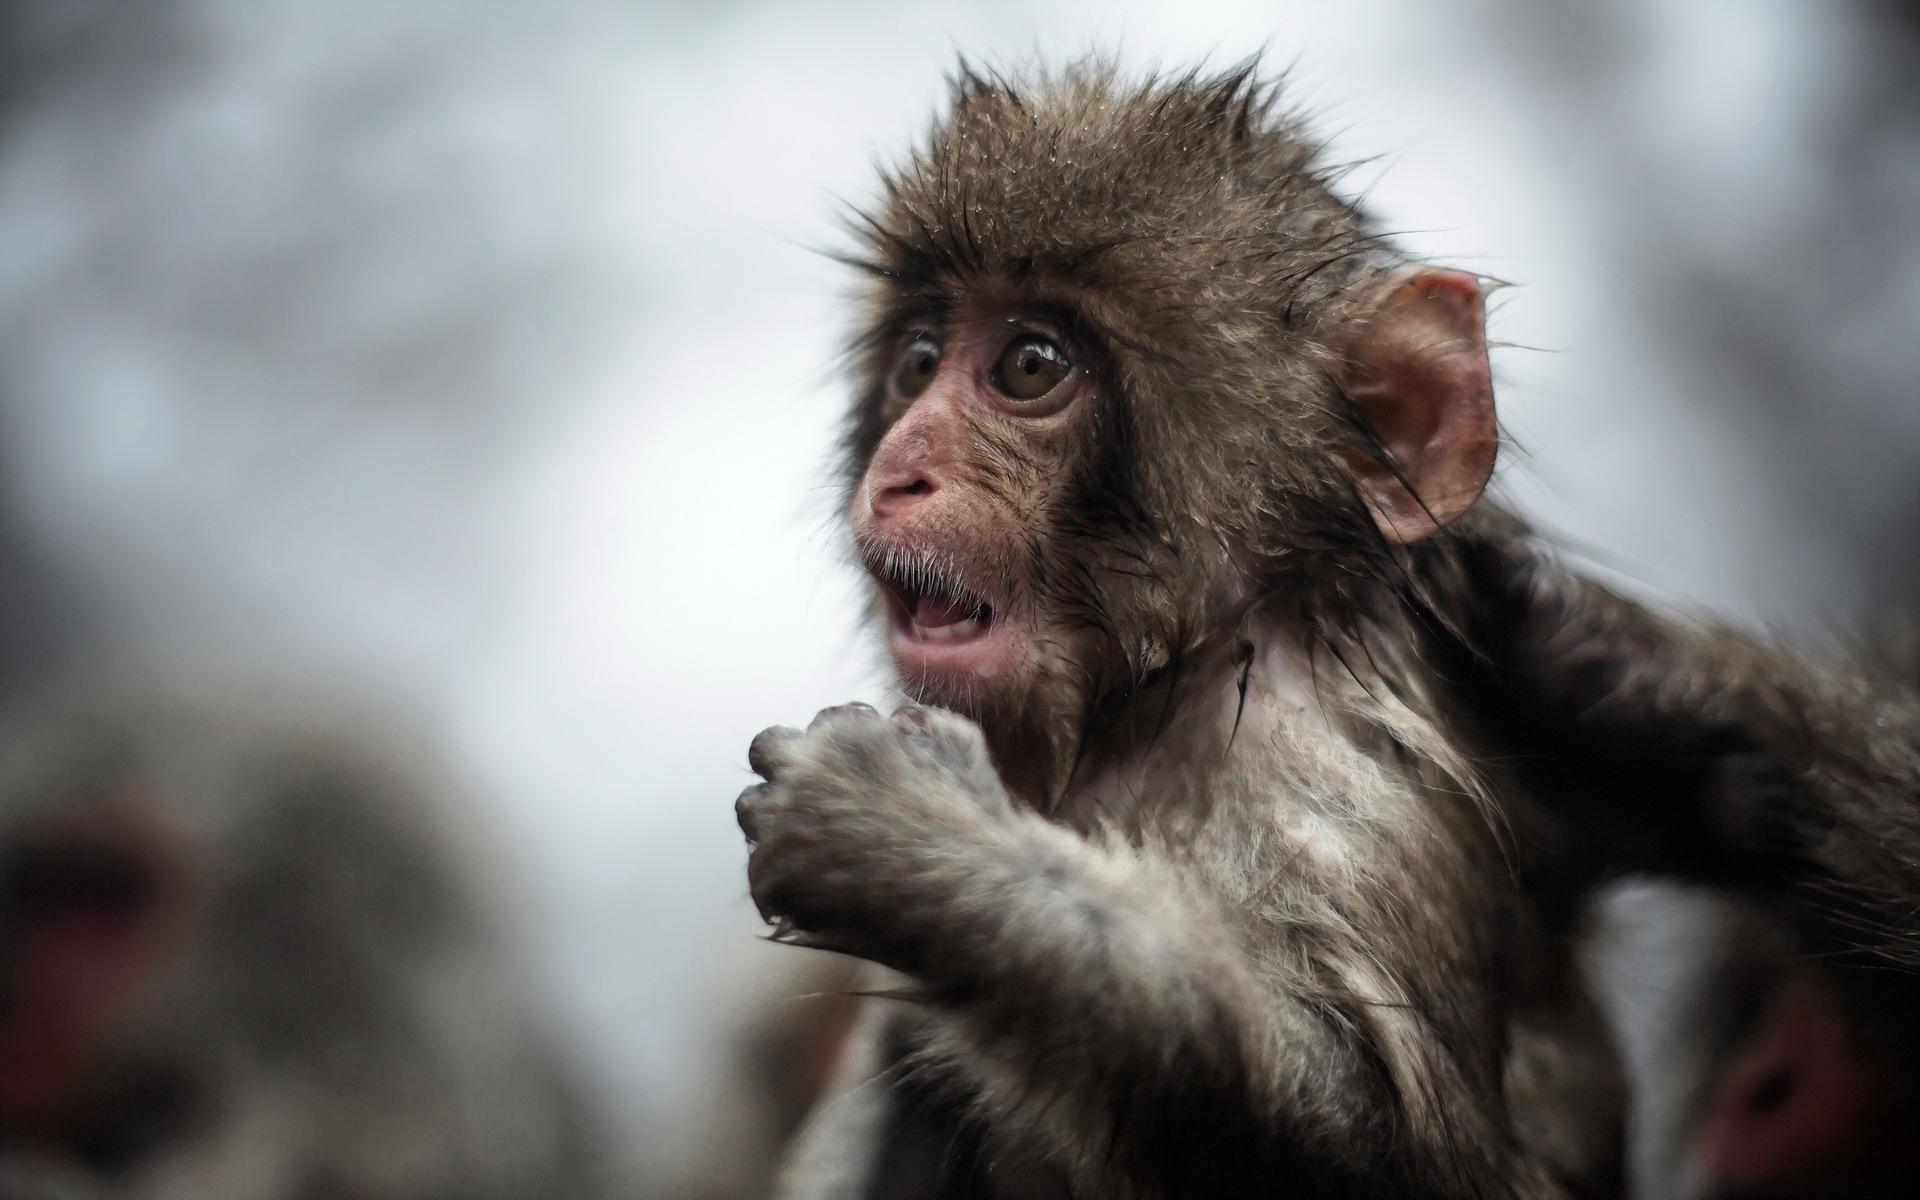 monkey hd photos